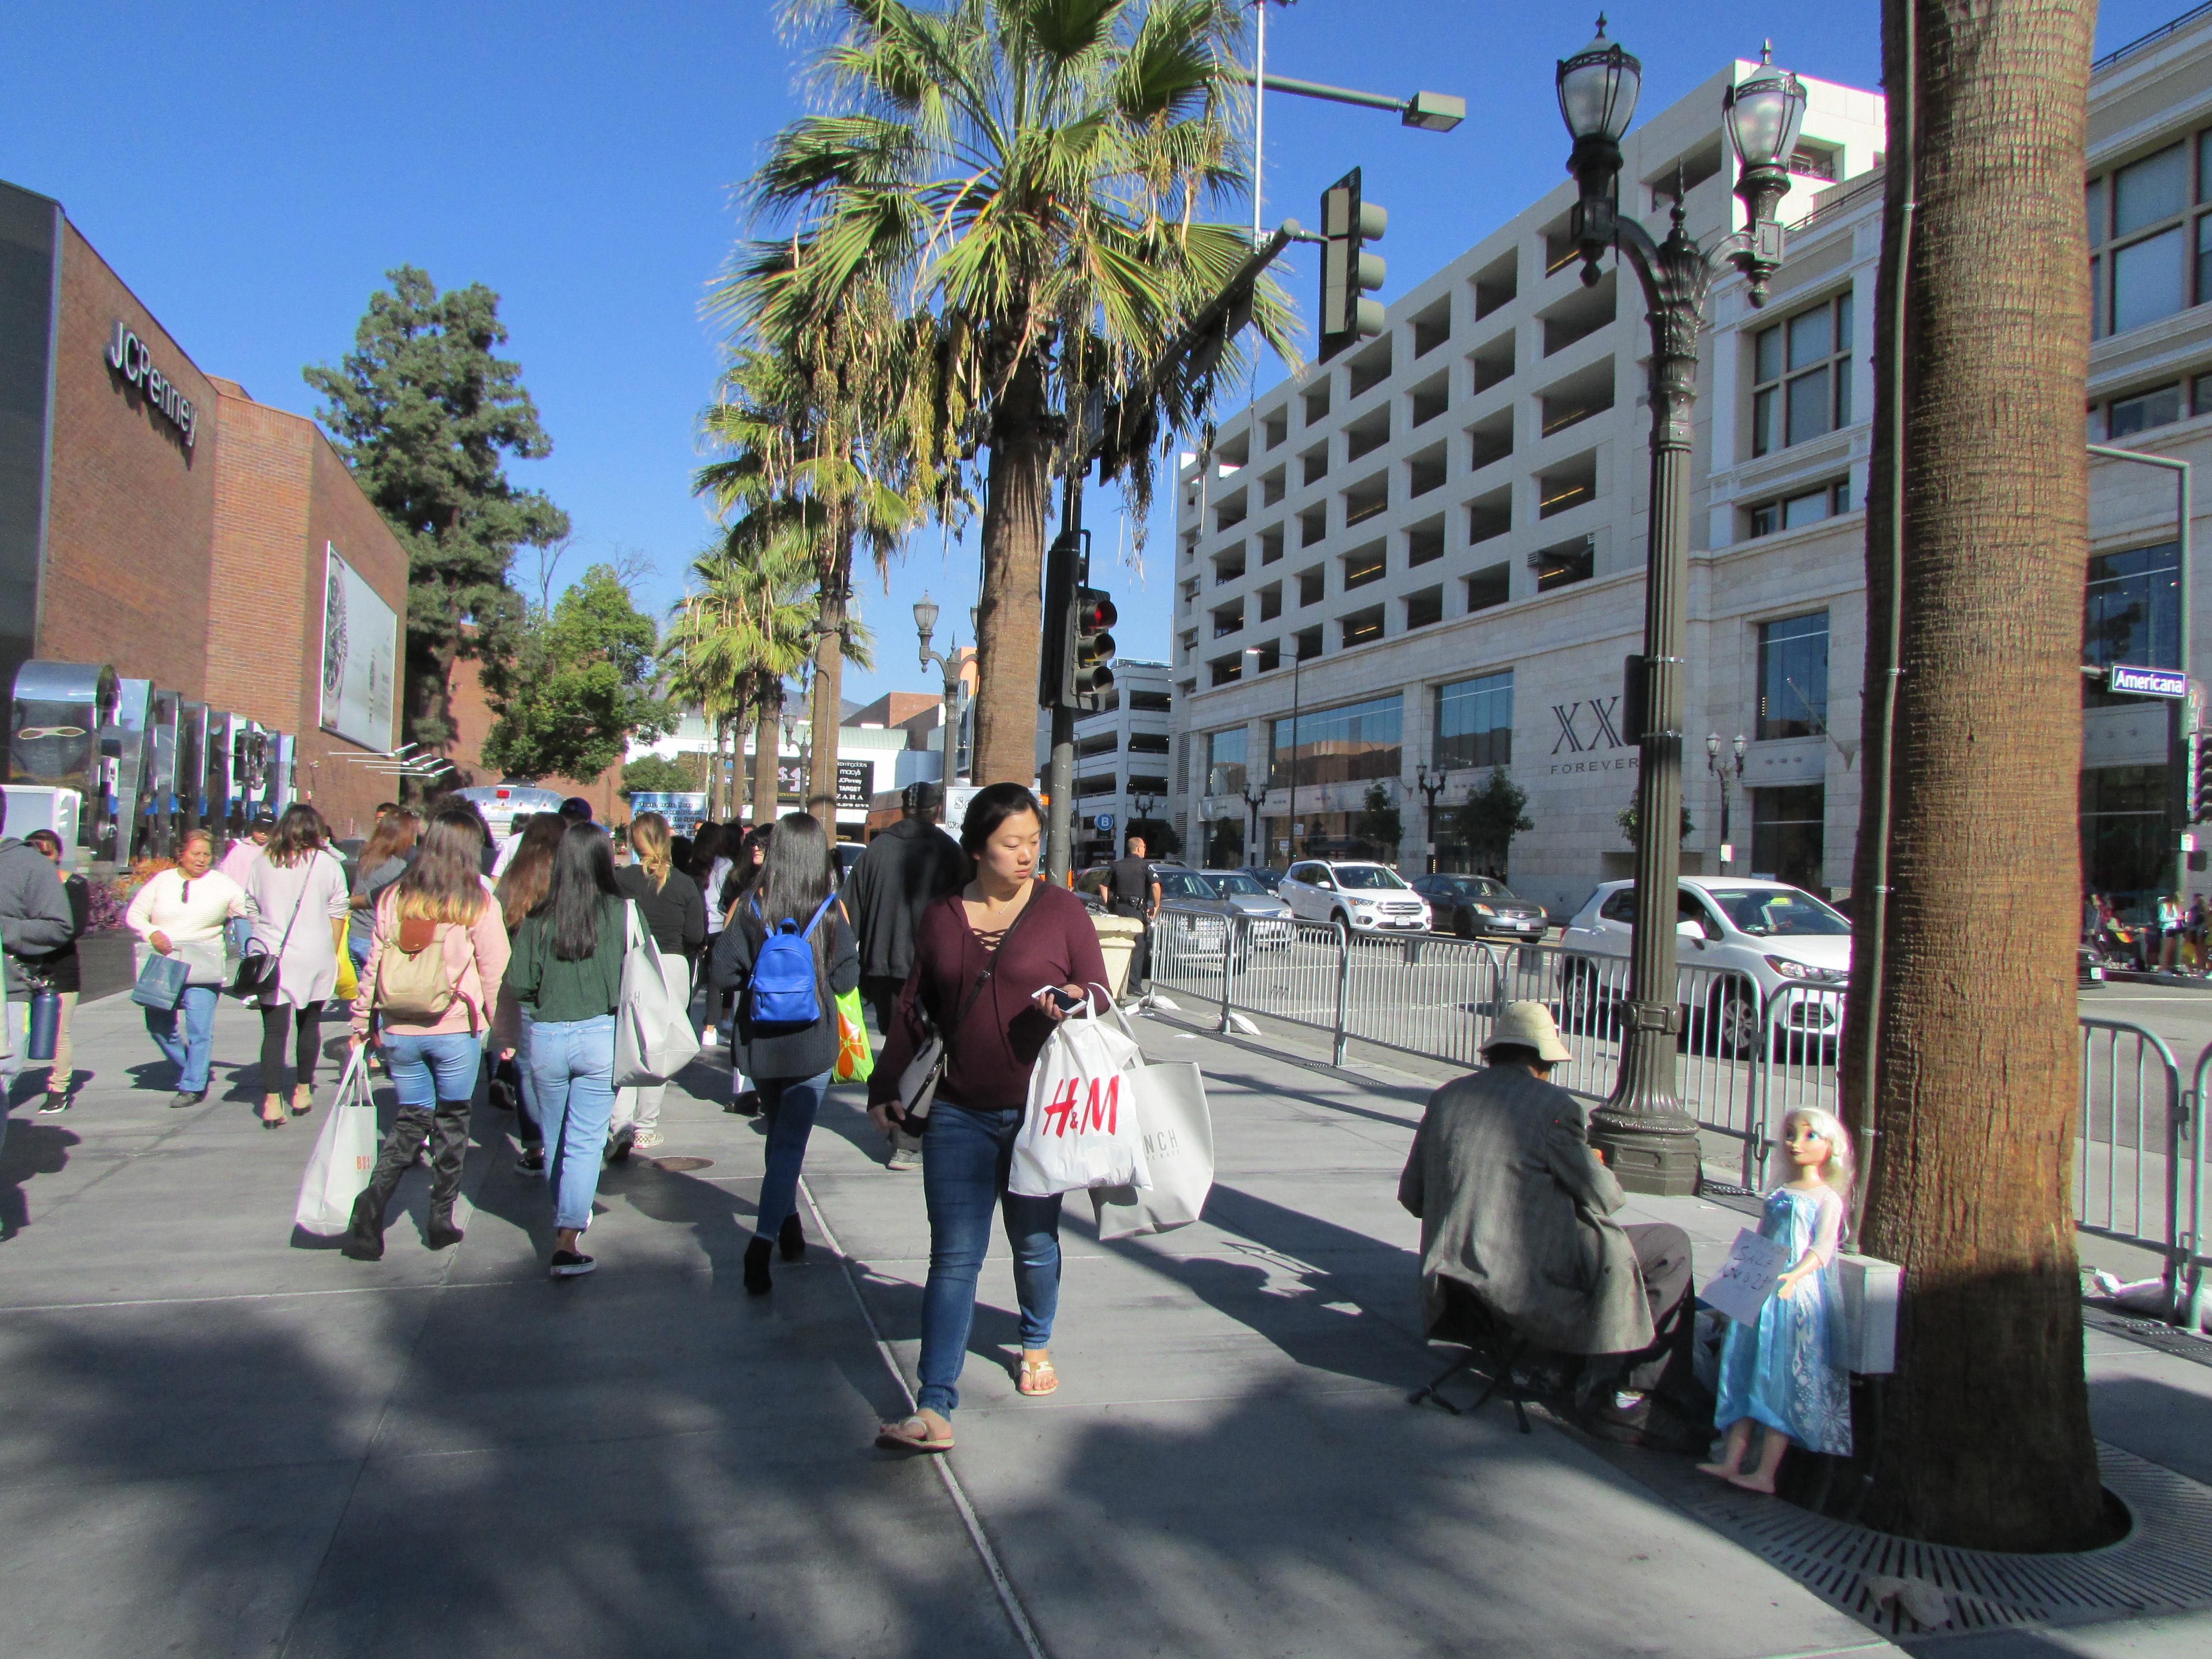 Se estimaba un aumento de 5% en el número de compradores durante el Viernes Negro. (Araceli Martínez/La Opinión).